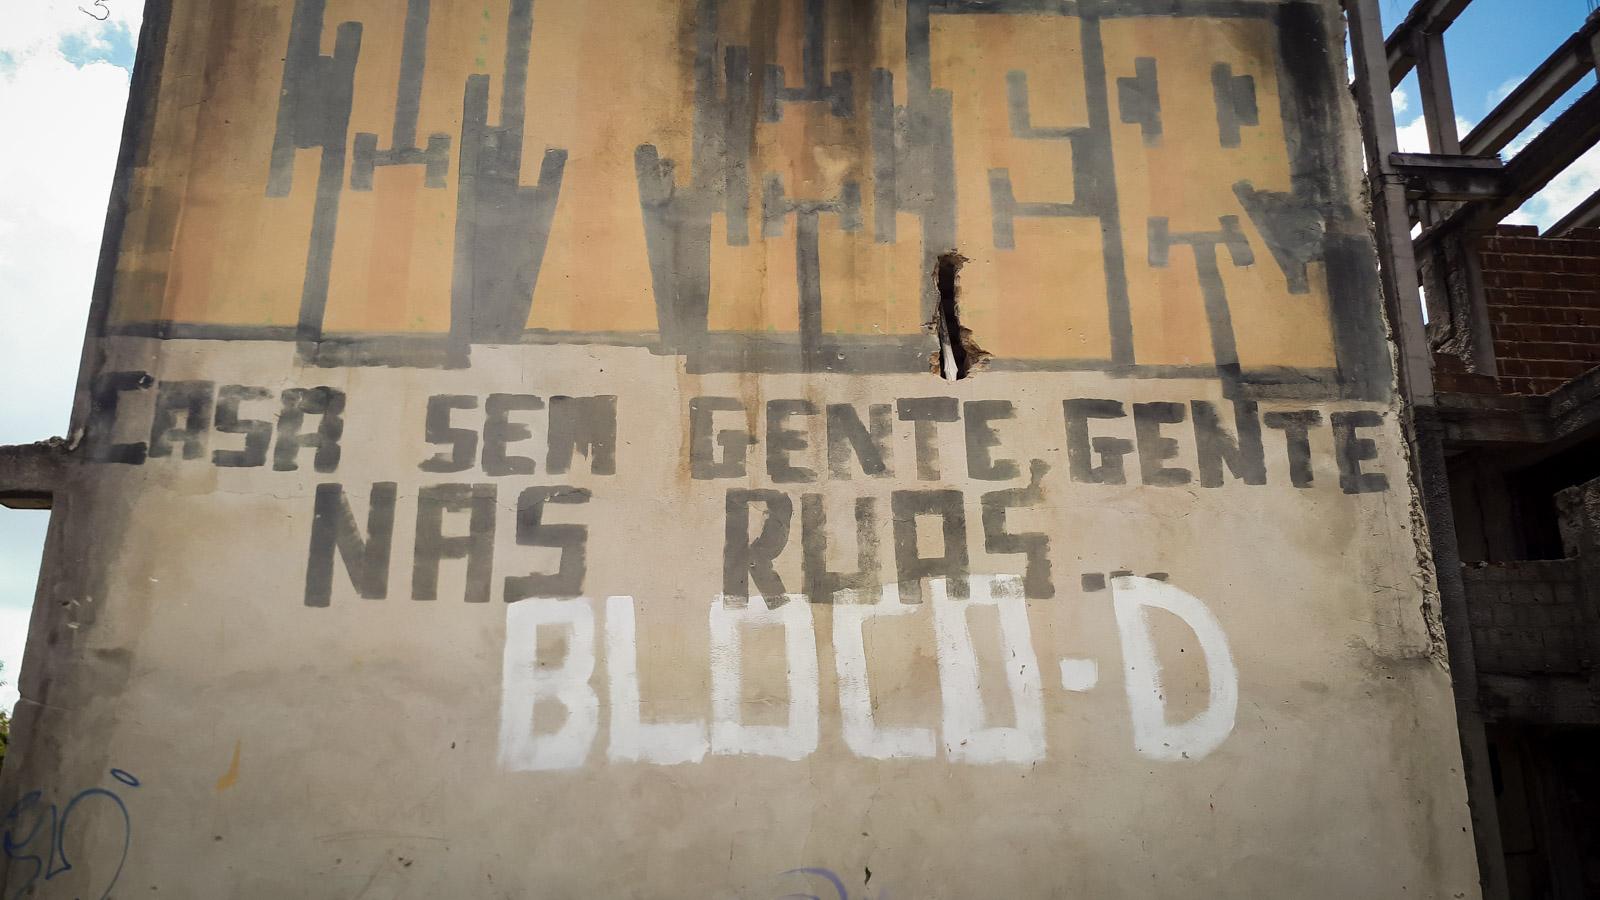 Frases pintadas nos muros do Habitacional Vila Brasil mostram a revolta popular (foto: Inês Campelo/Marco Zero Conteúdo)